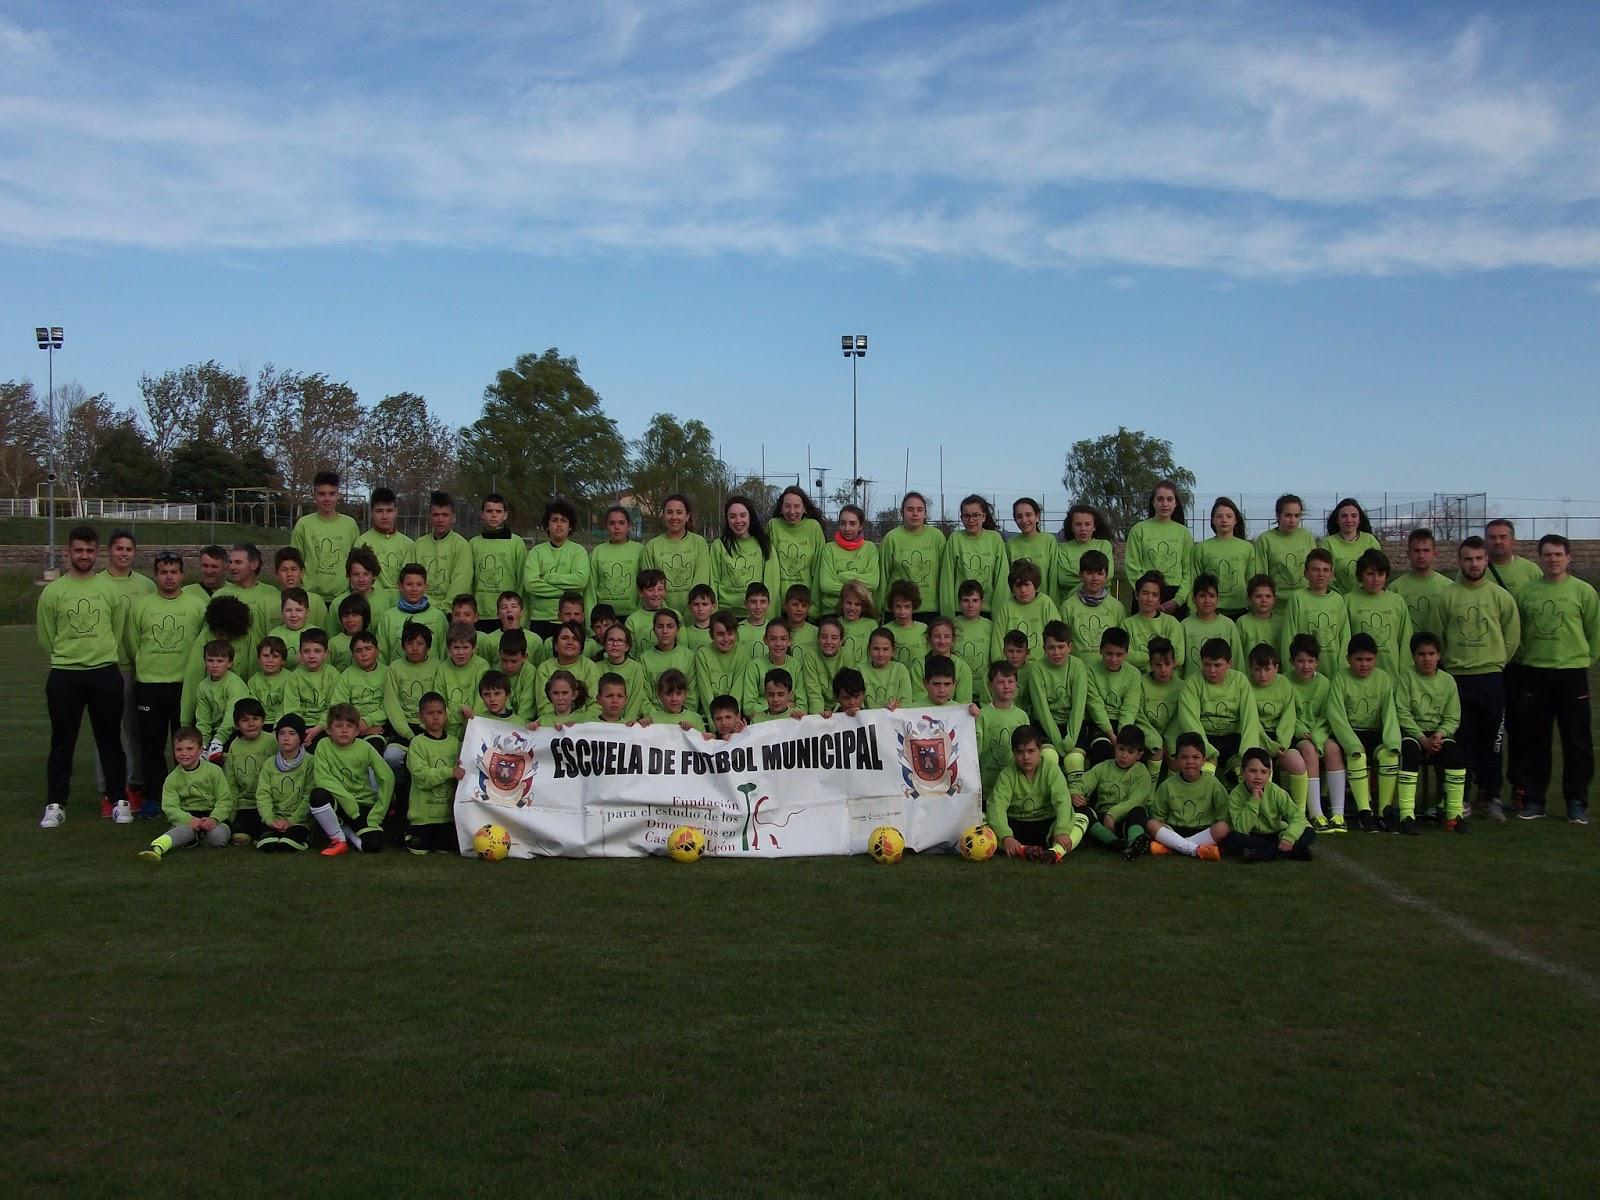 Foto presentación Escuela de fútbol municipal Fundación Dinosaurios CyL  2018. 26c4c1b8fc639